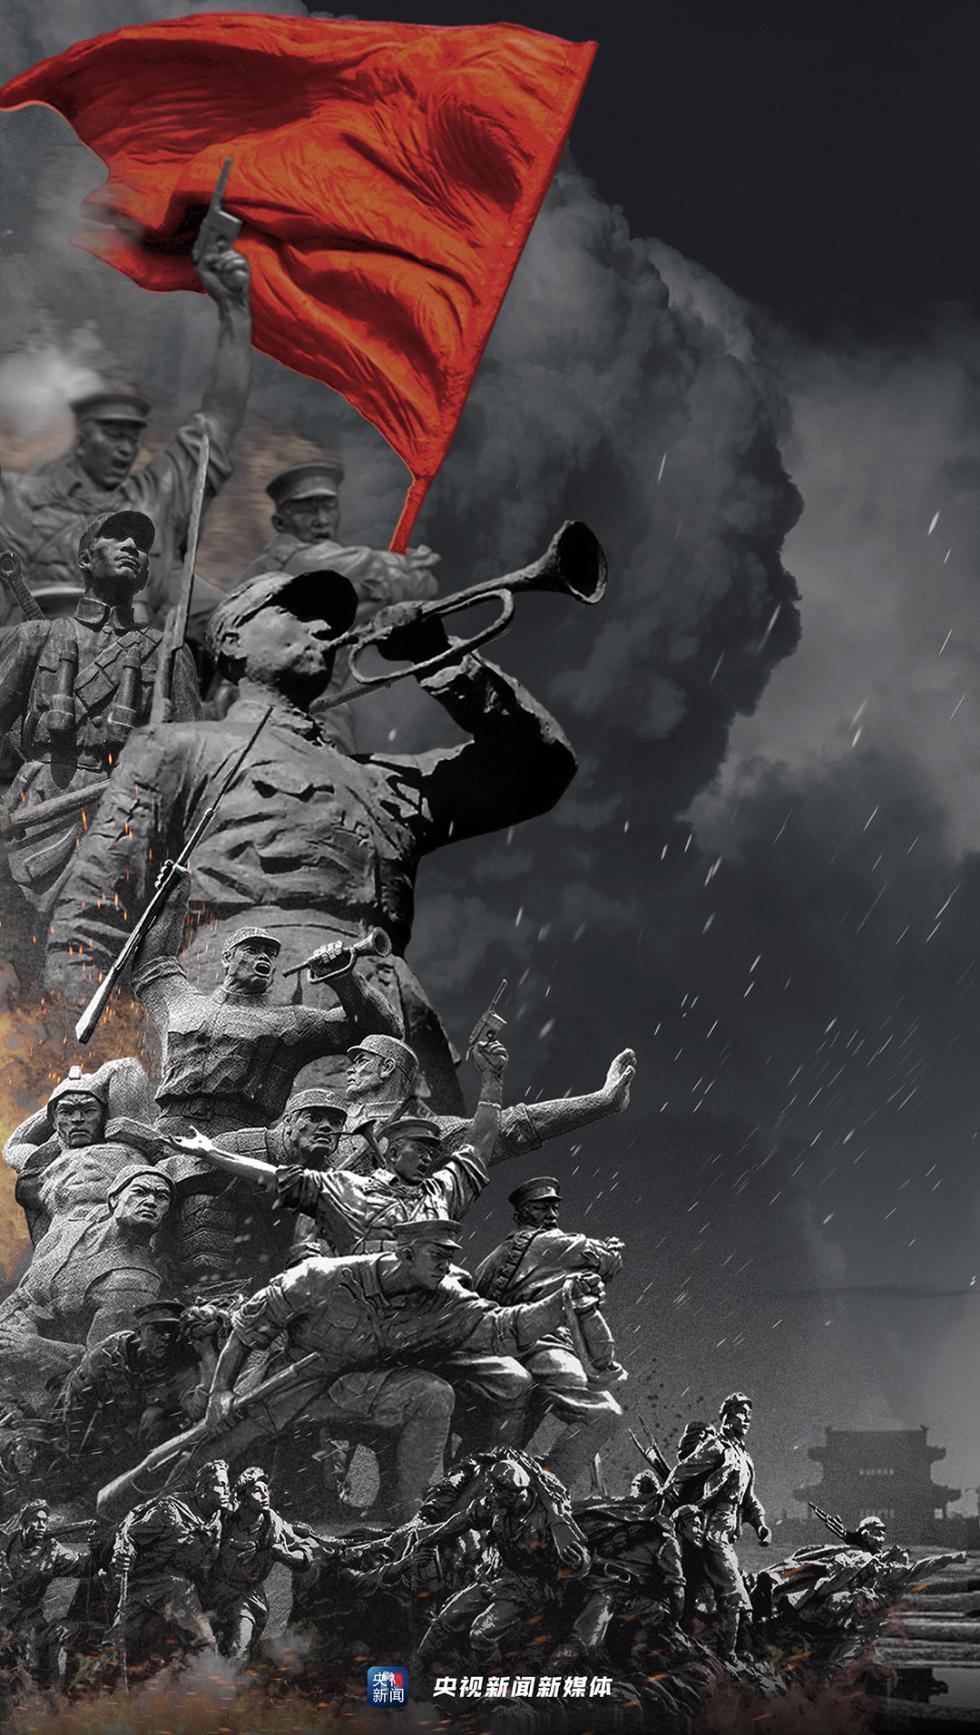 习近平:伟大抗战精神永远激励我们